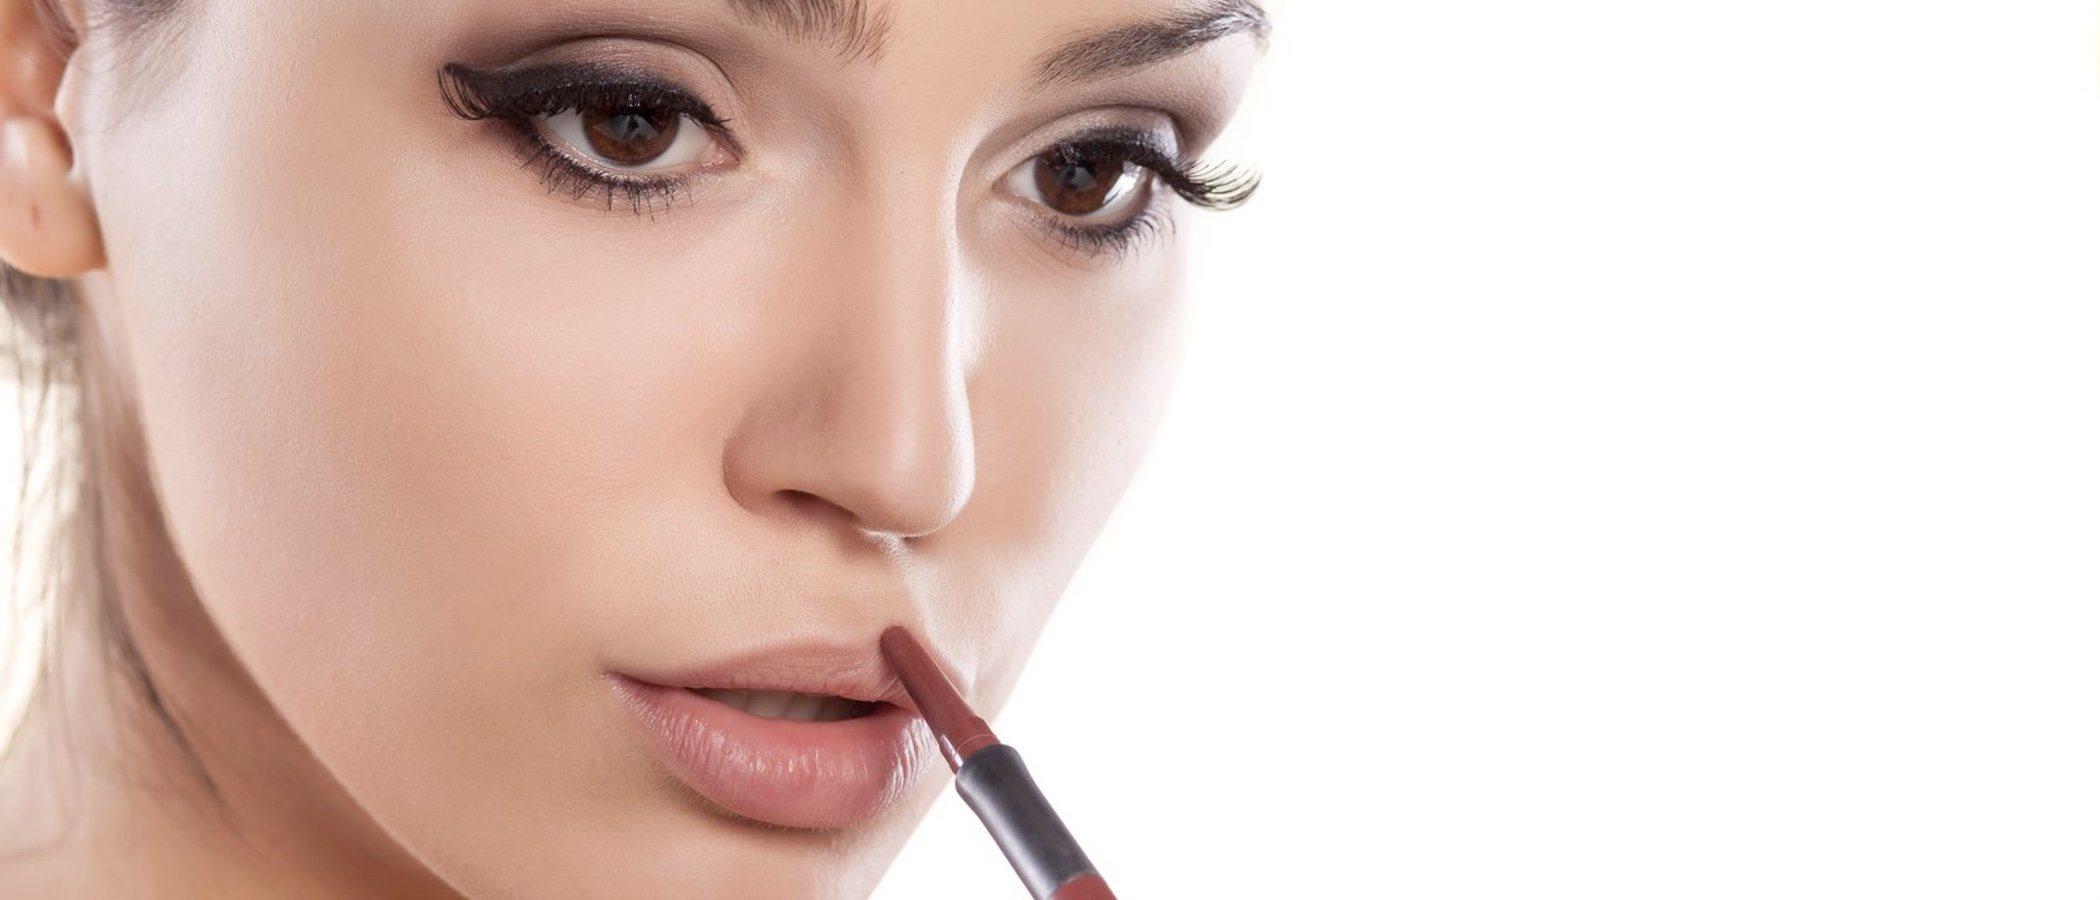 Cómo perfilar los labios en 3 sencillos pasos